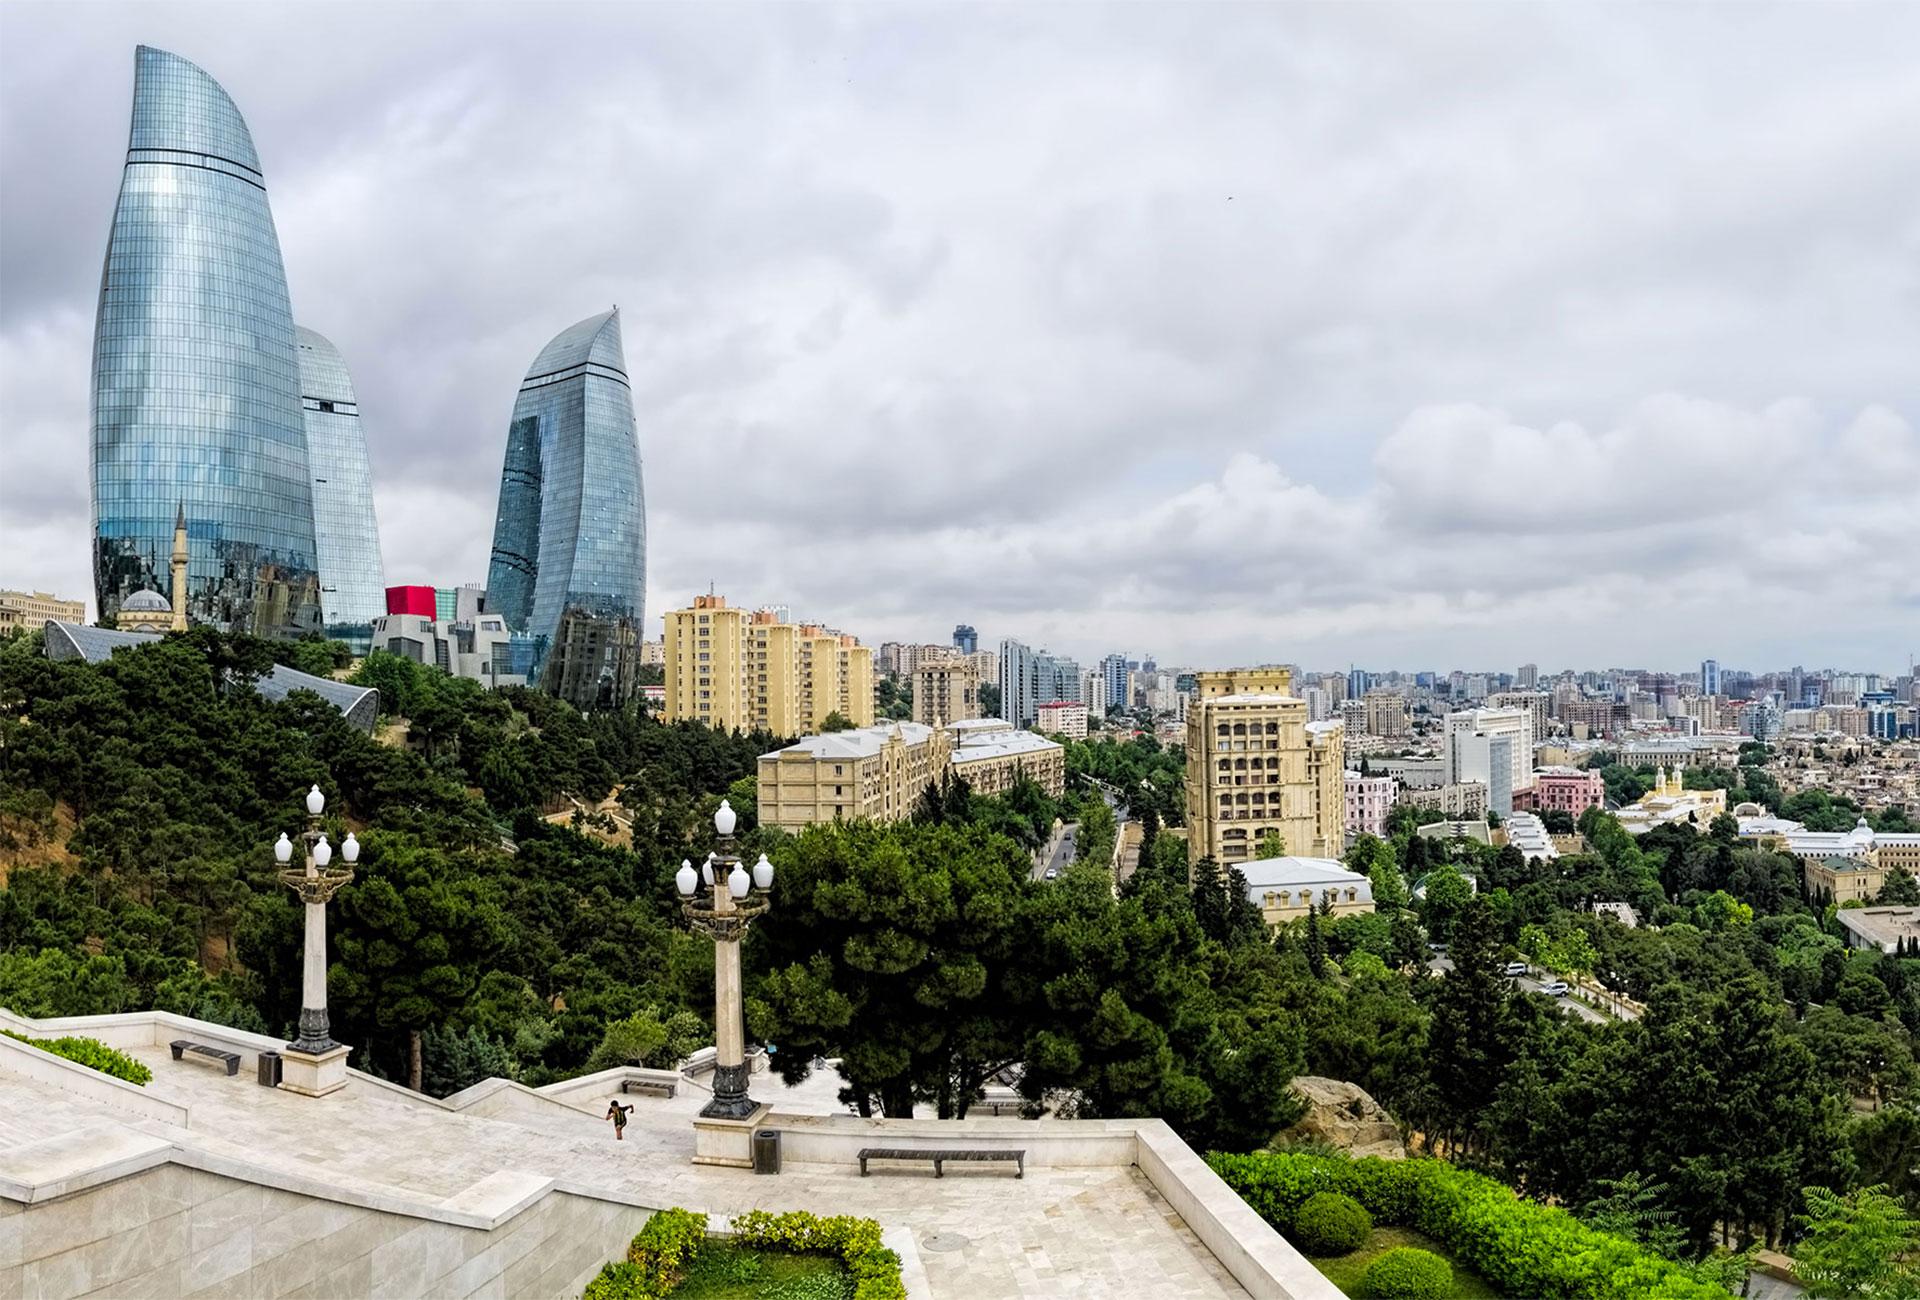 UN VIAGGIO IN AZERBAIGIAN: BAKU, TRA ORIENTE E OCCIDENTE